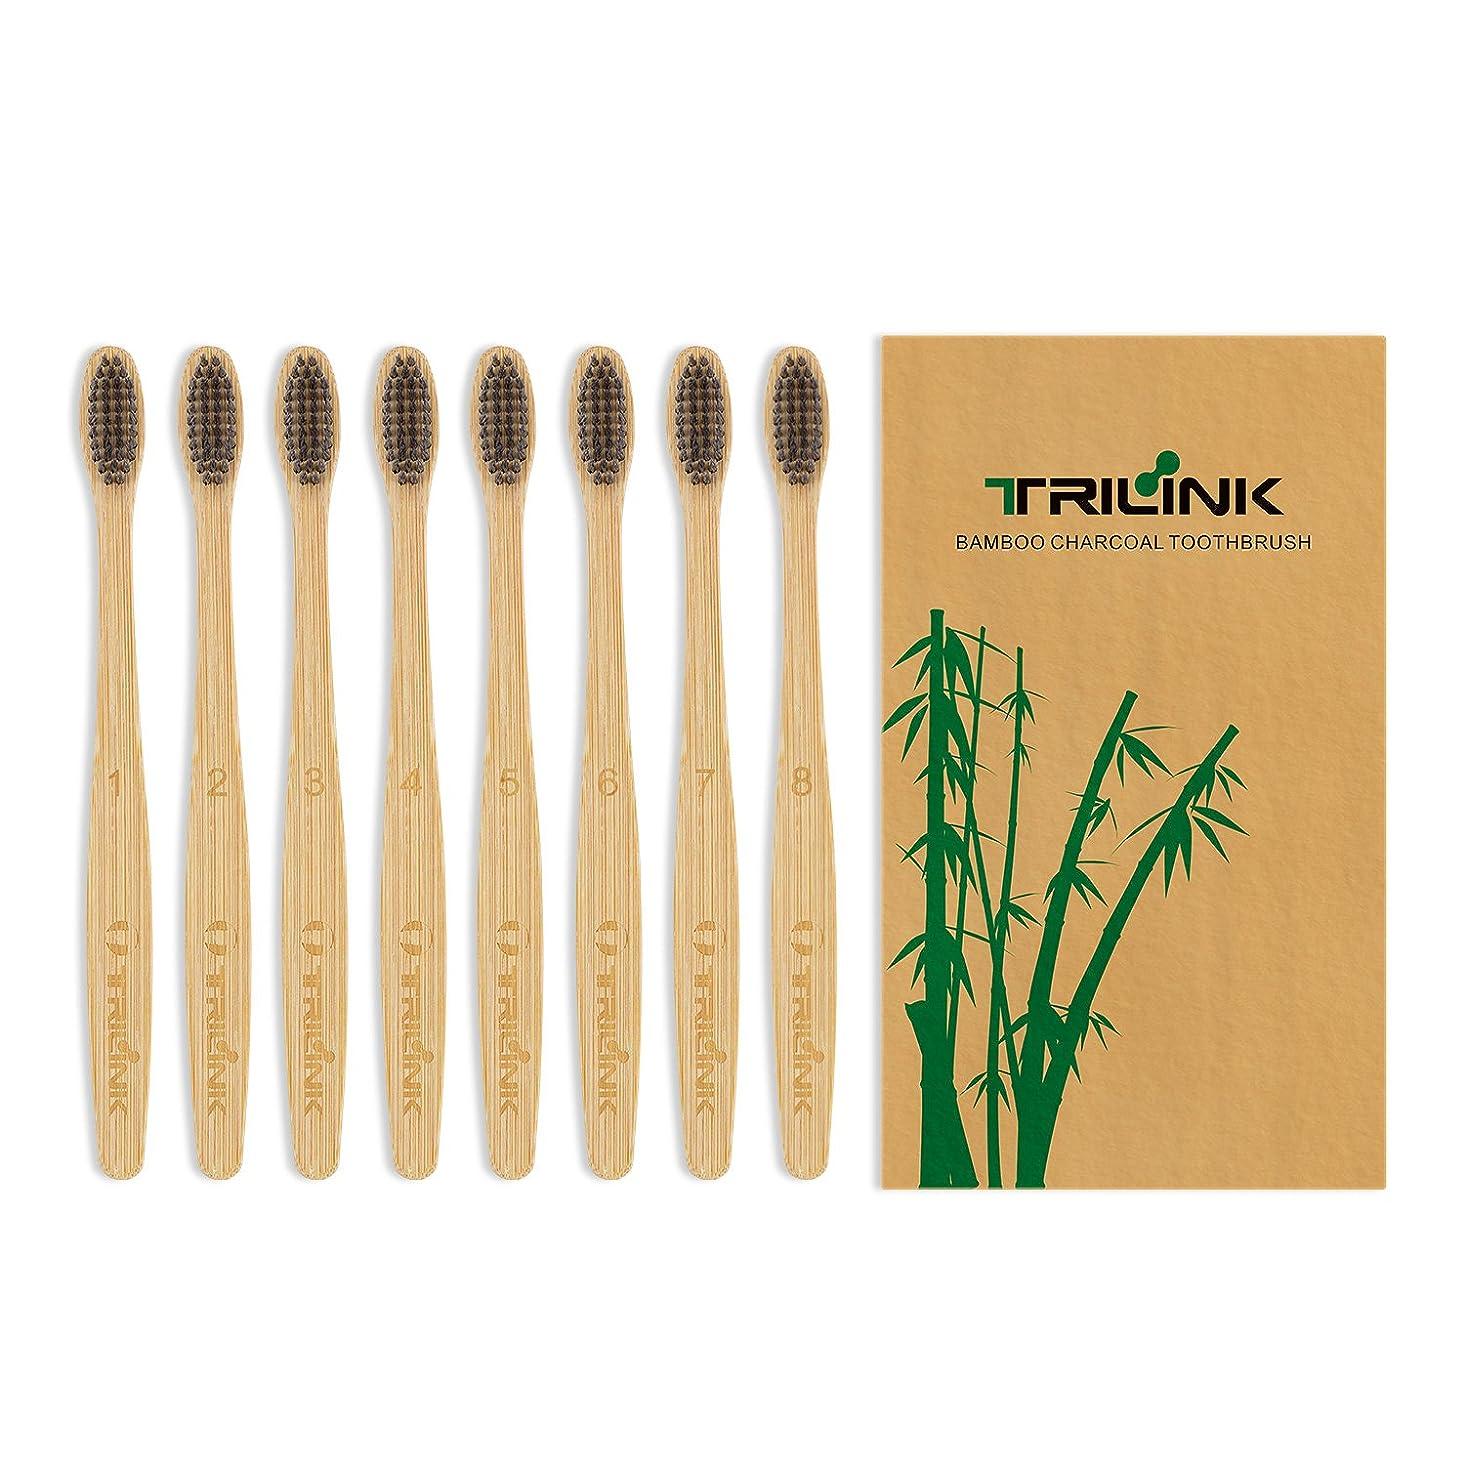 帰る打倒不適切な大人用竹の歯ブラシ(8本) 環境保護 天然の柔らかい ハブラシ【 活性炭を注入】